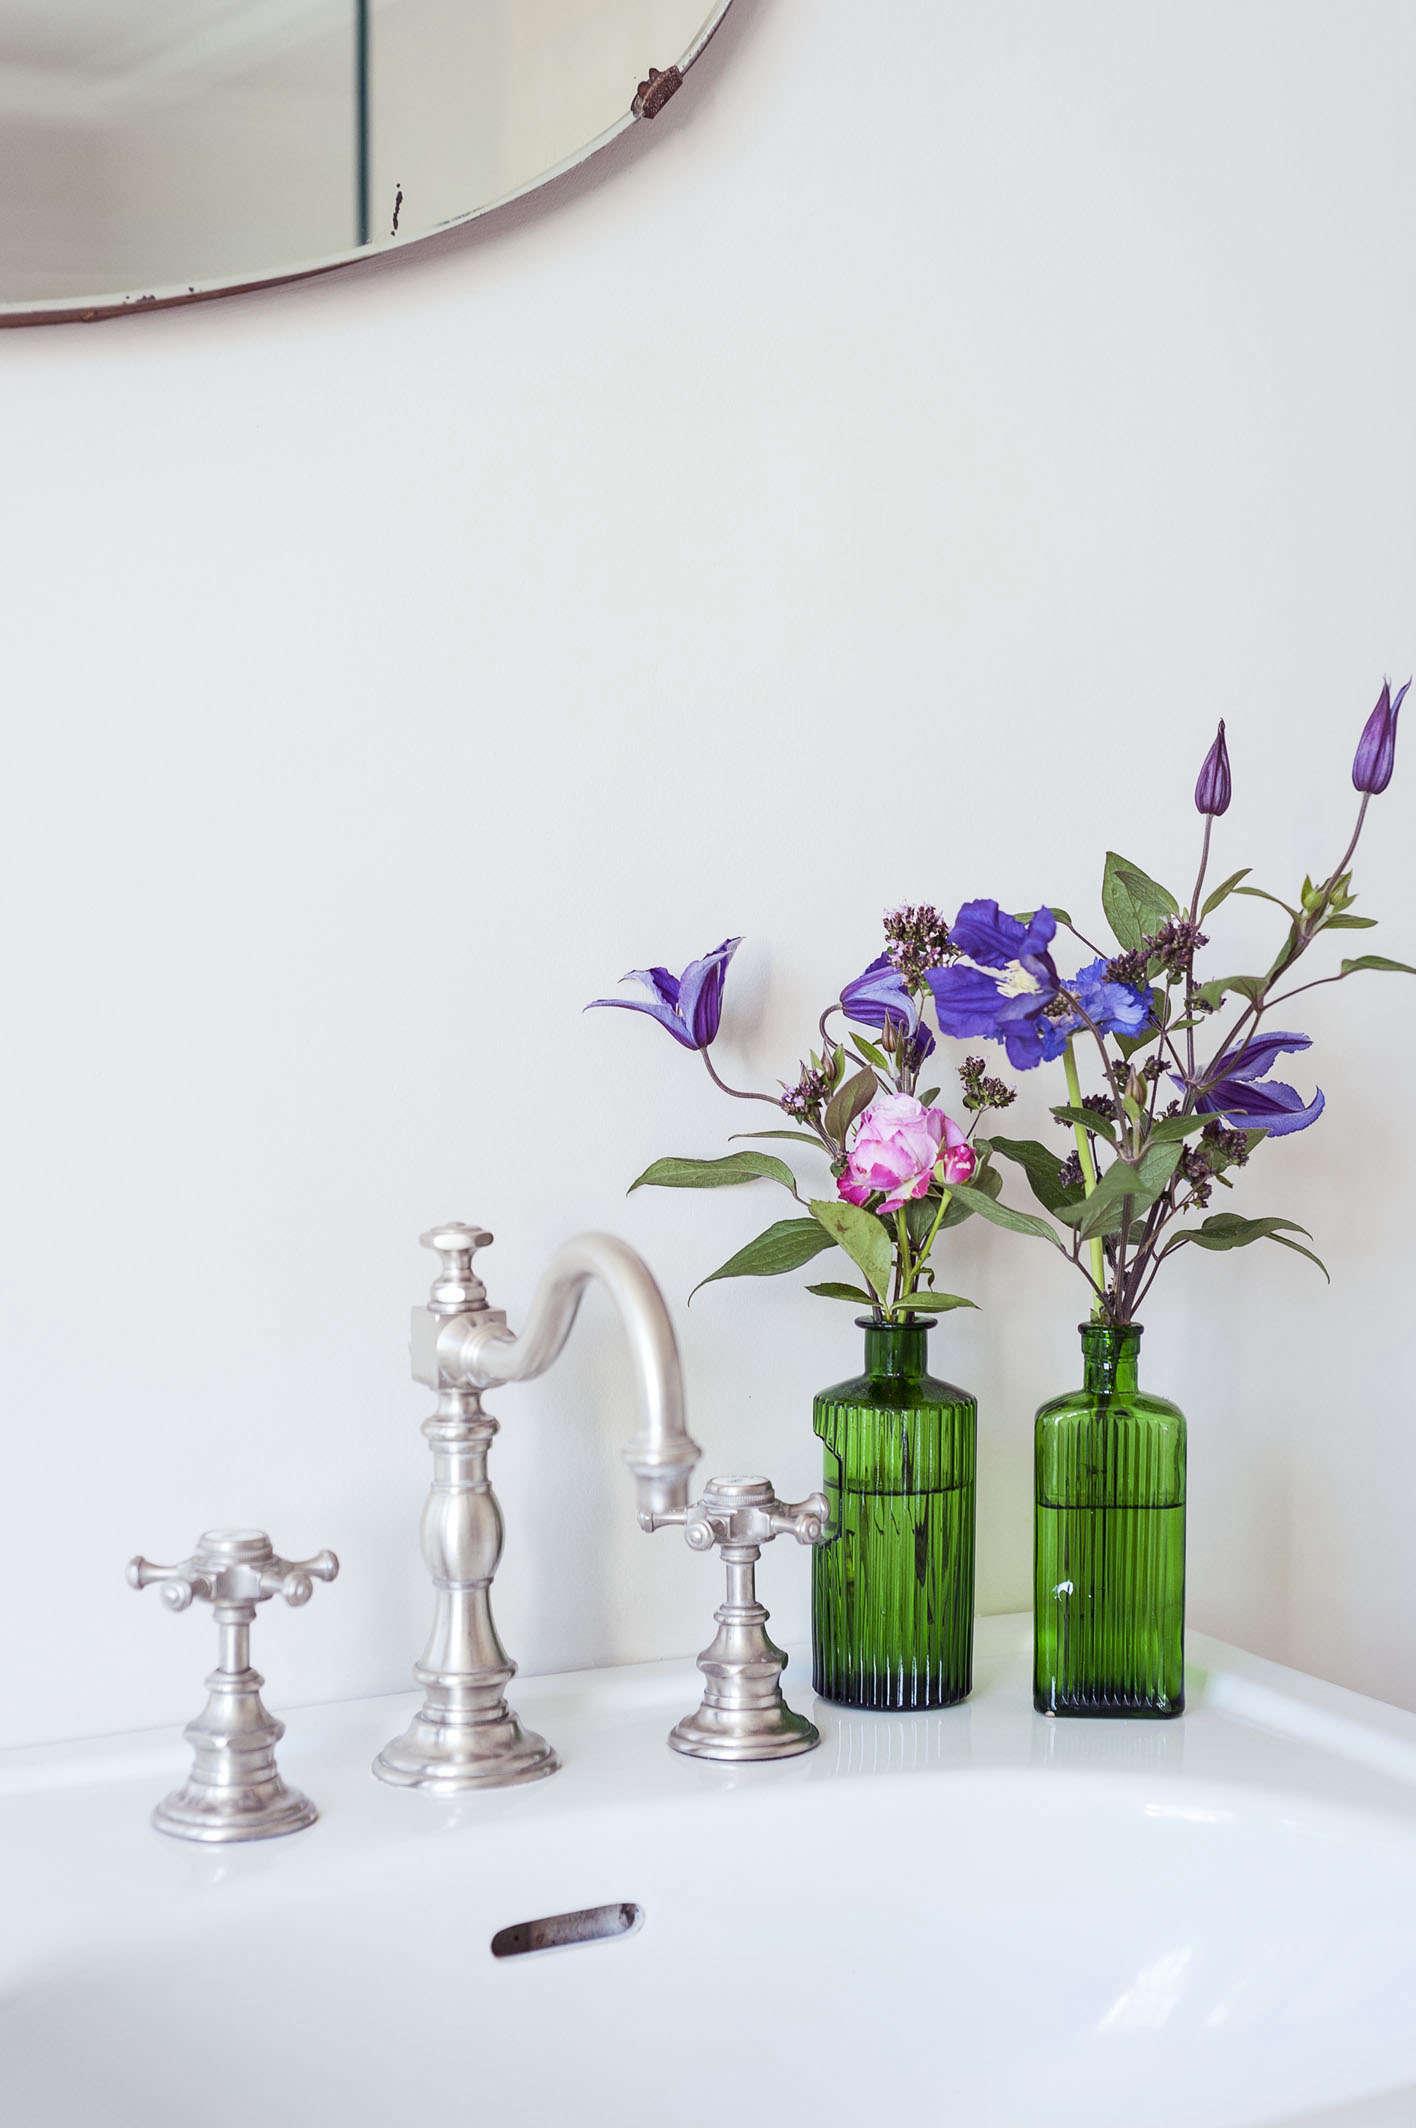 pedestal-sink-green-glass-bottles-flowers